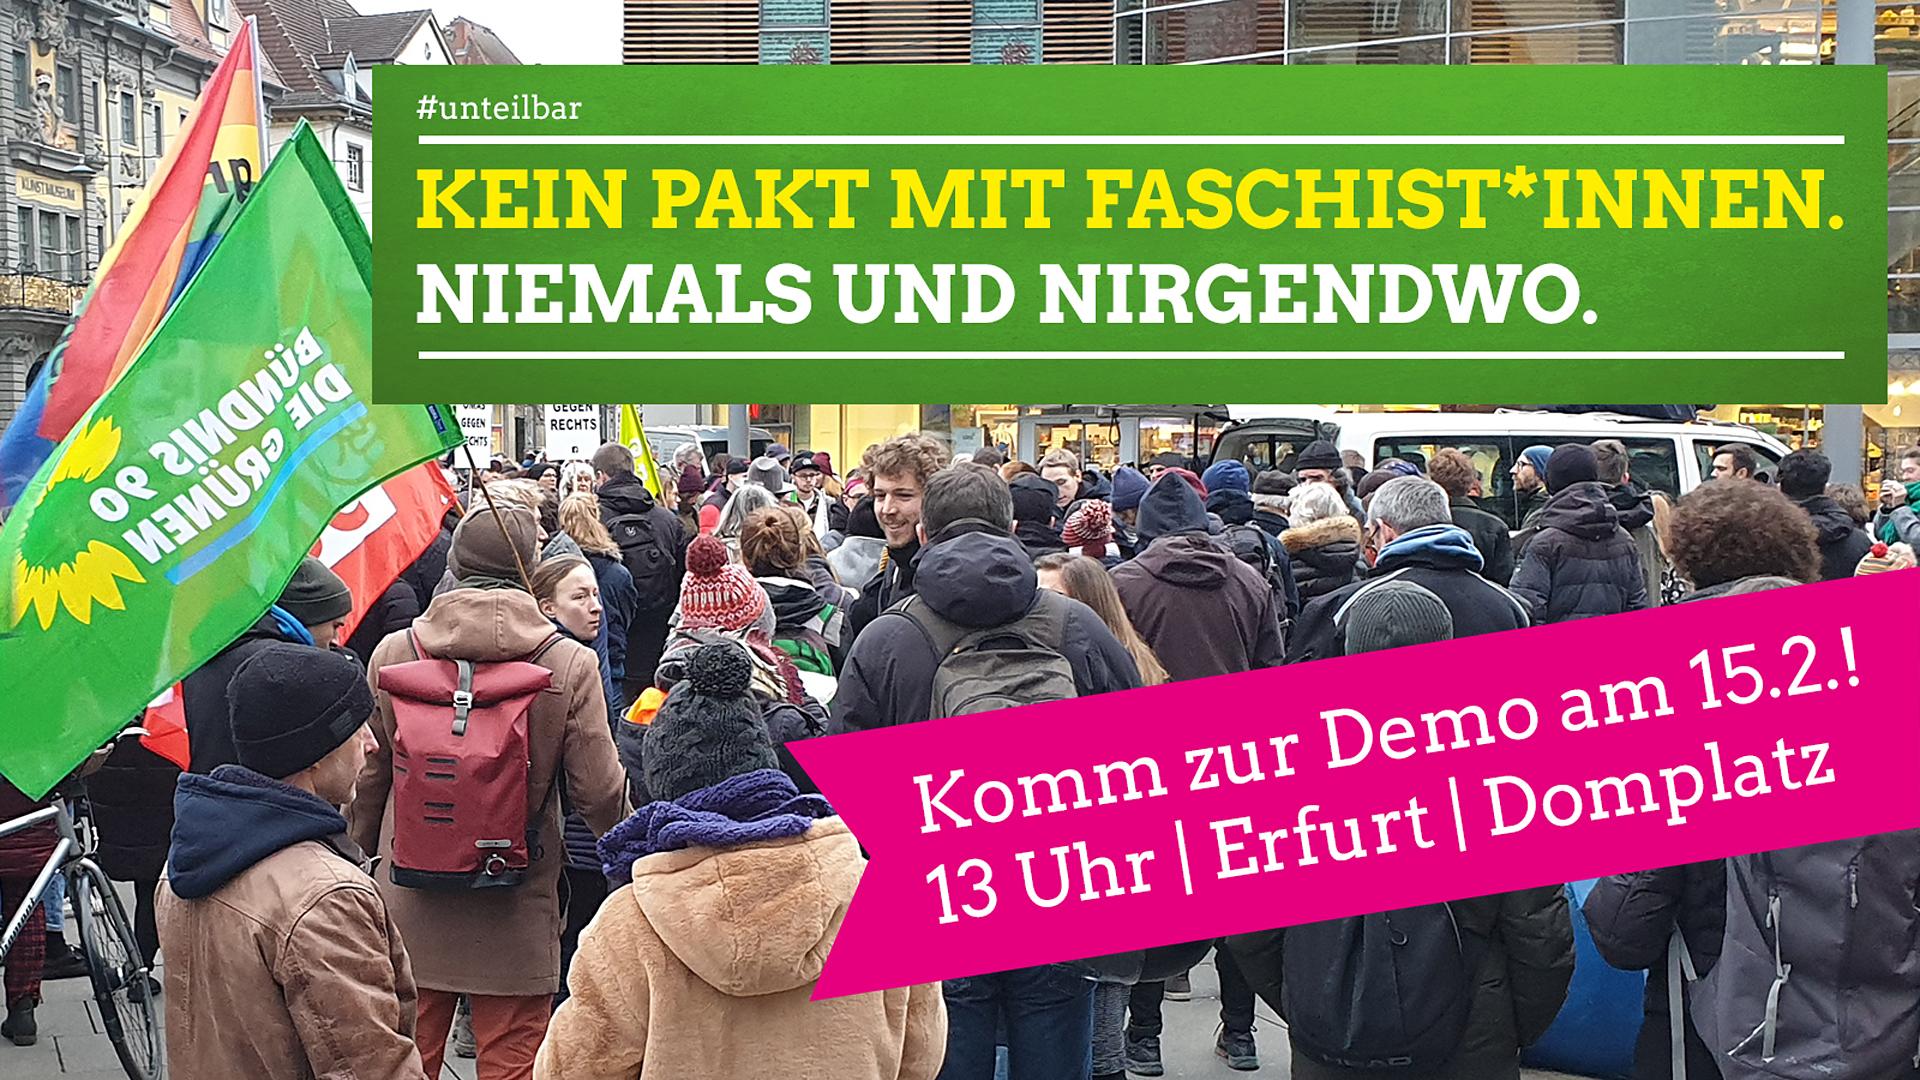 Komm zur #unteilbar-Demo am Samstag nach Erfurt